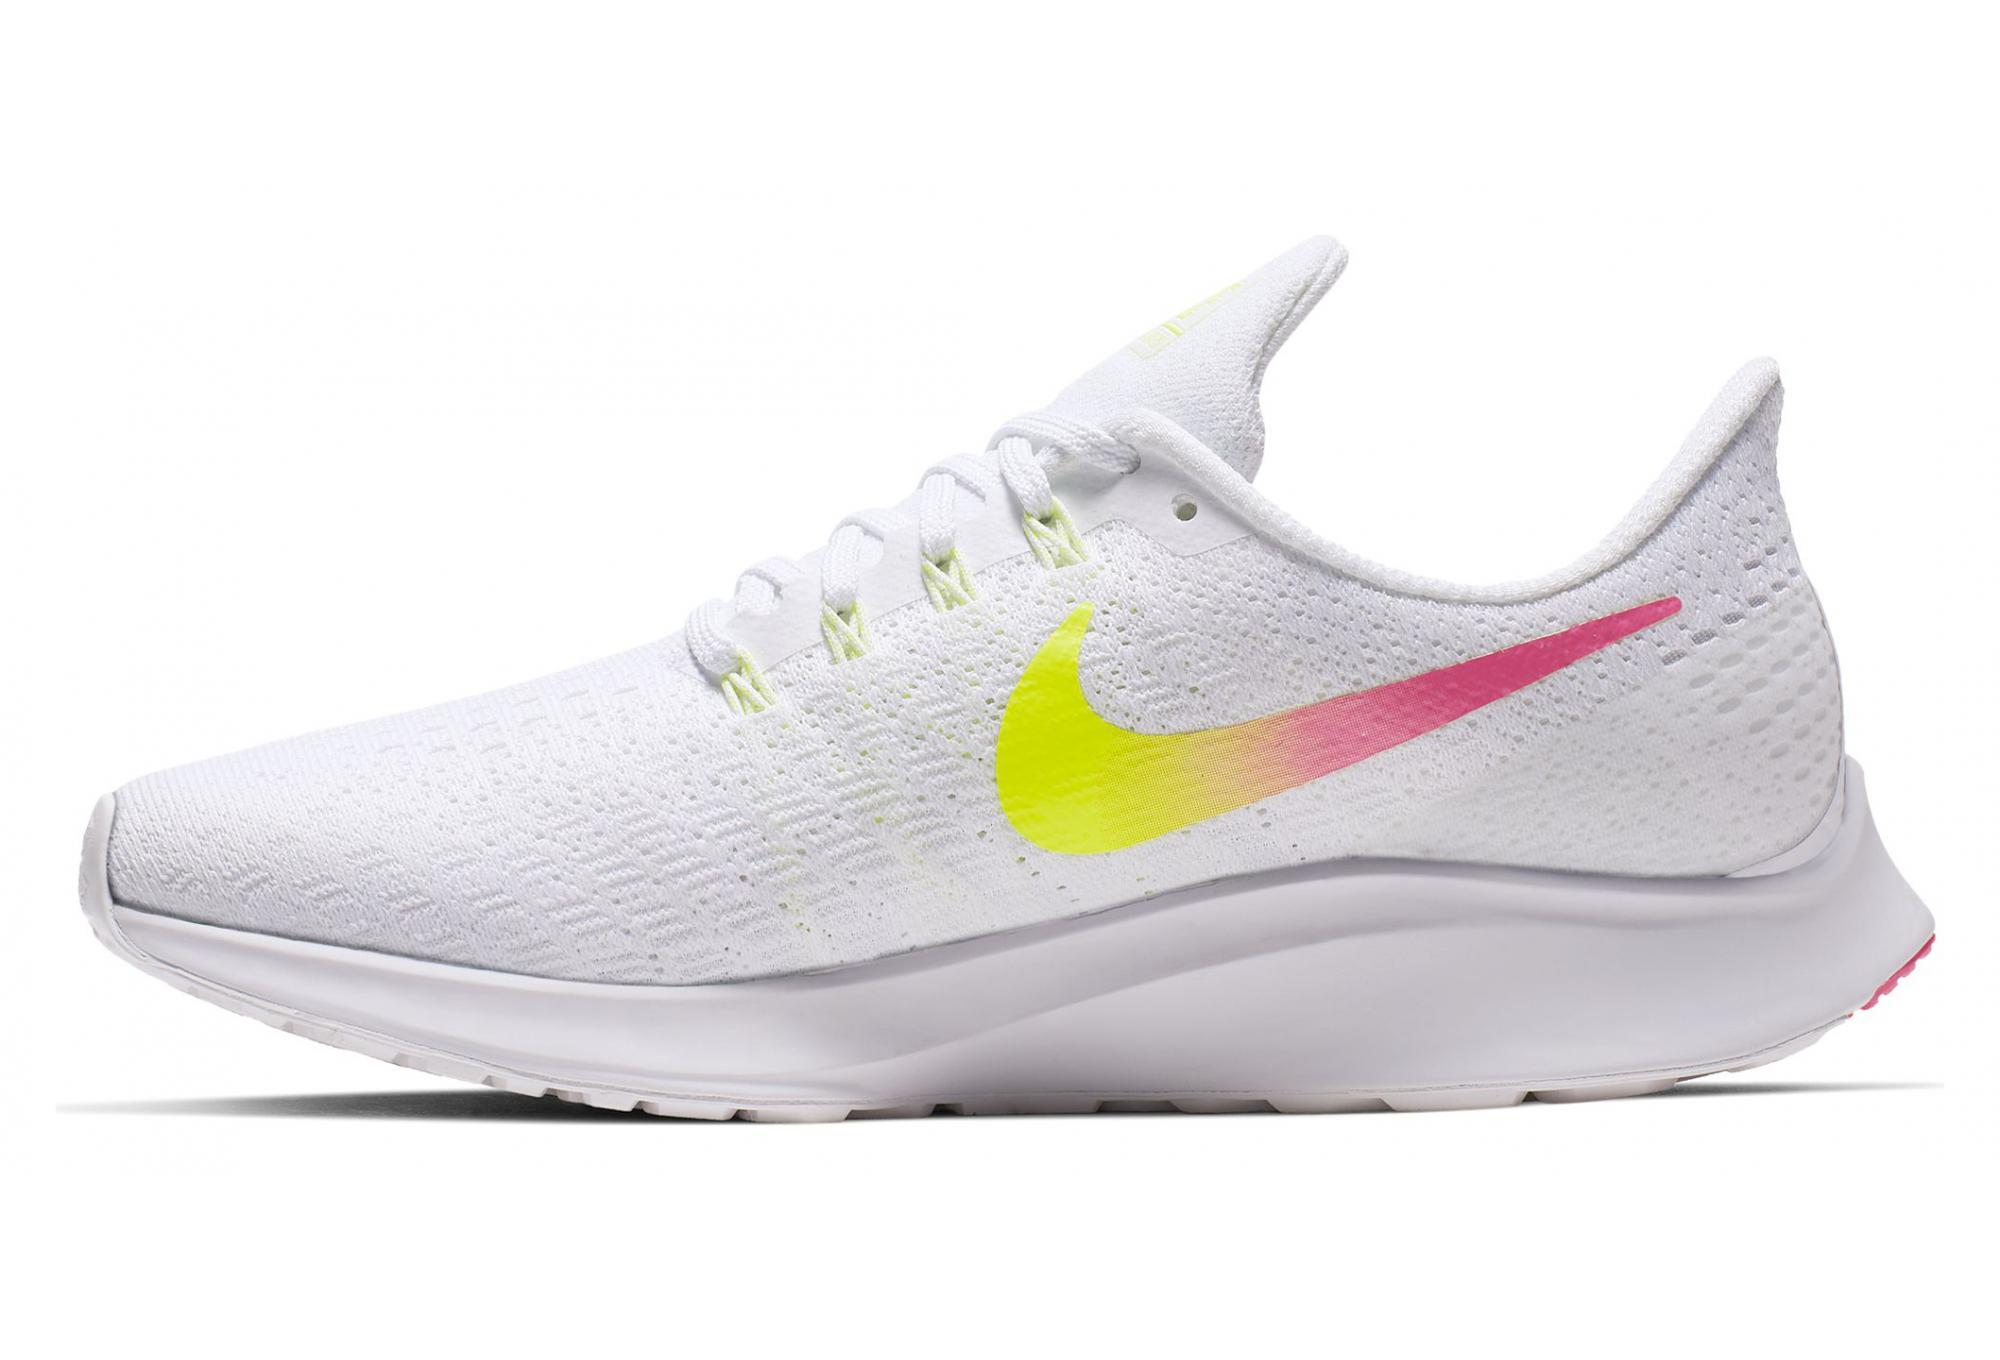 Nike Air Zoom Pegasus 35 White Yellow Pink Women